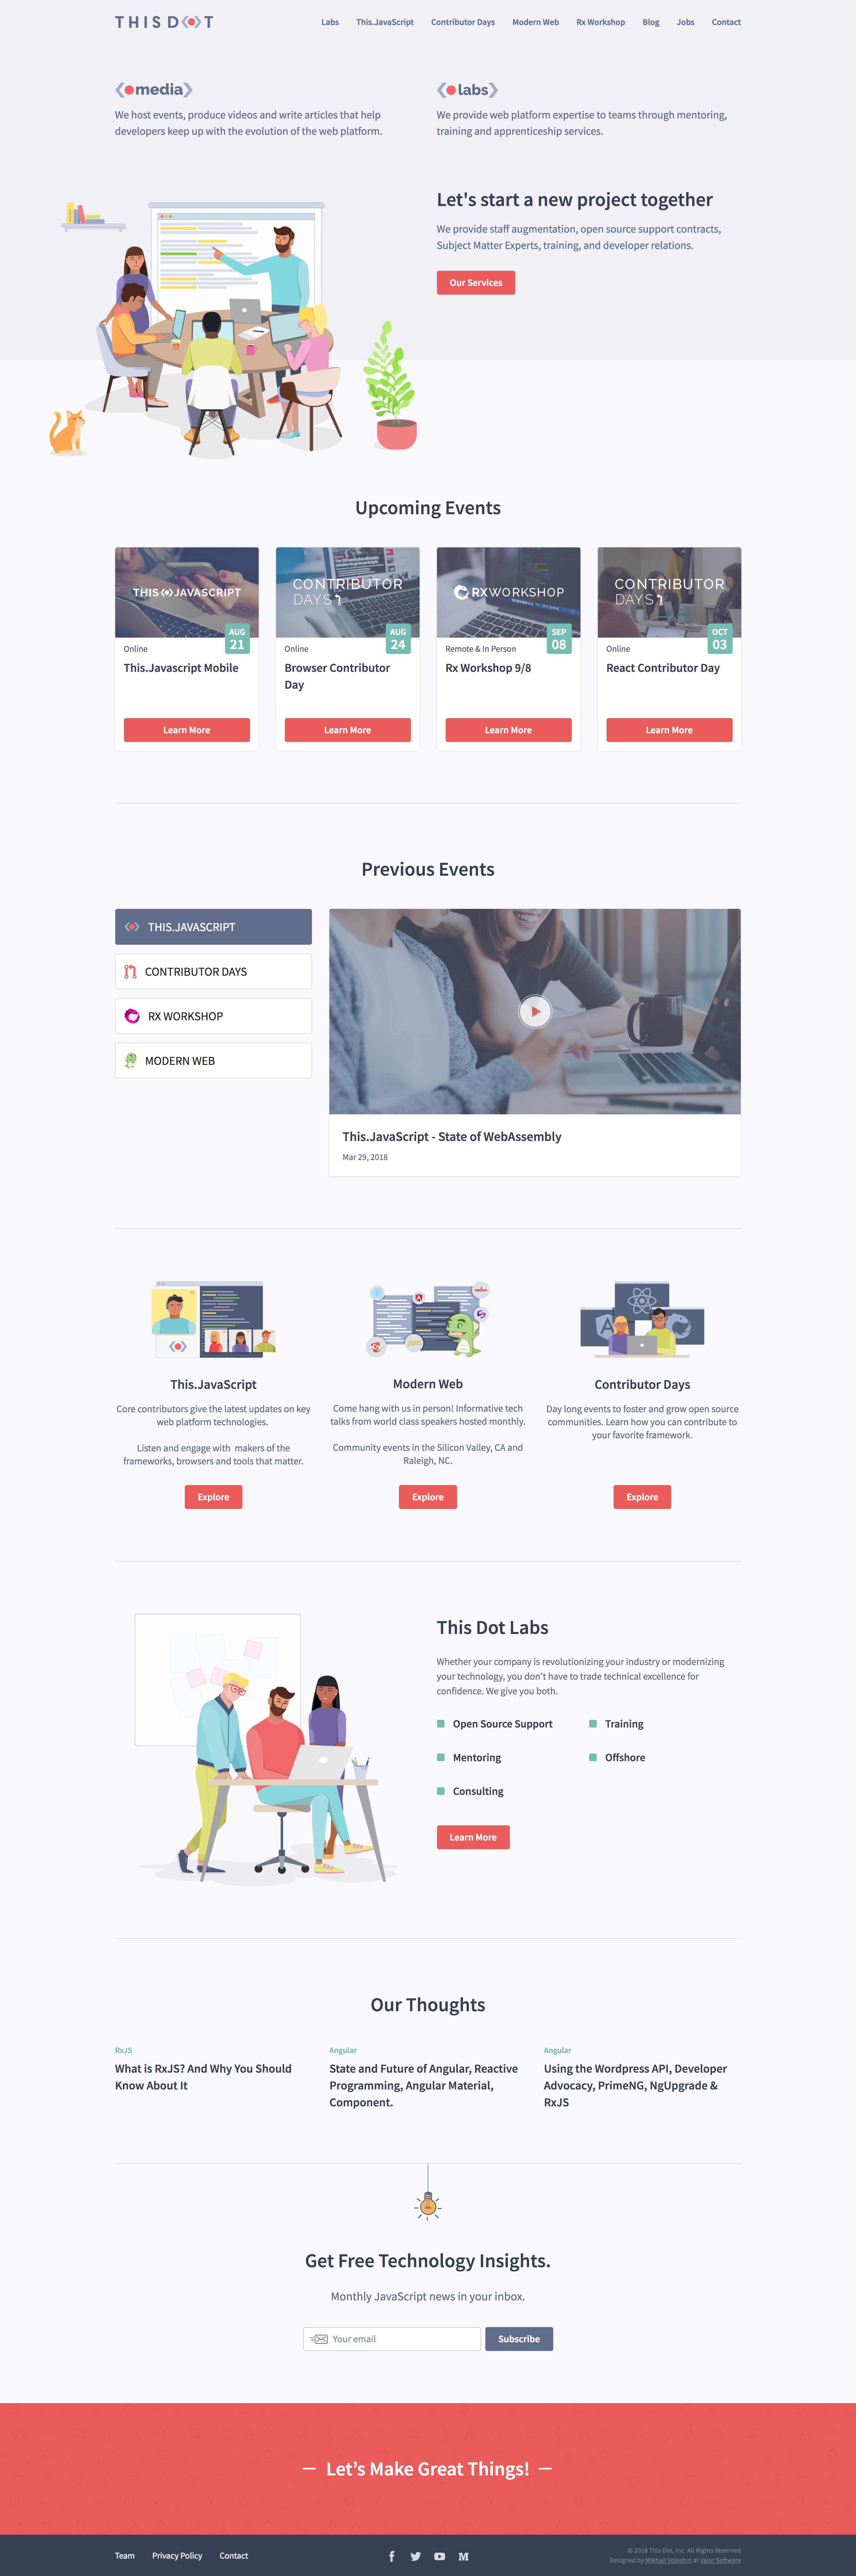 Thisdot homepage